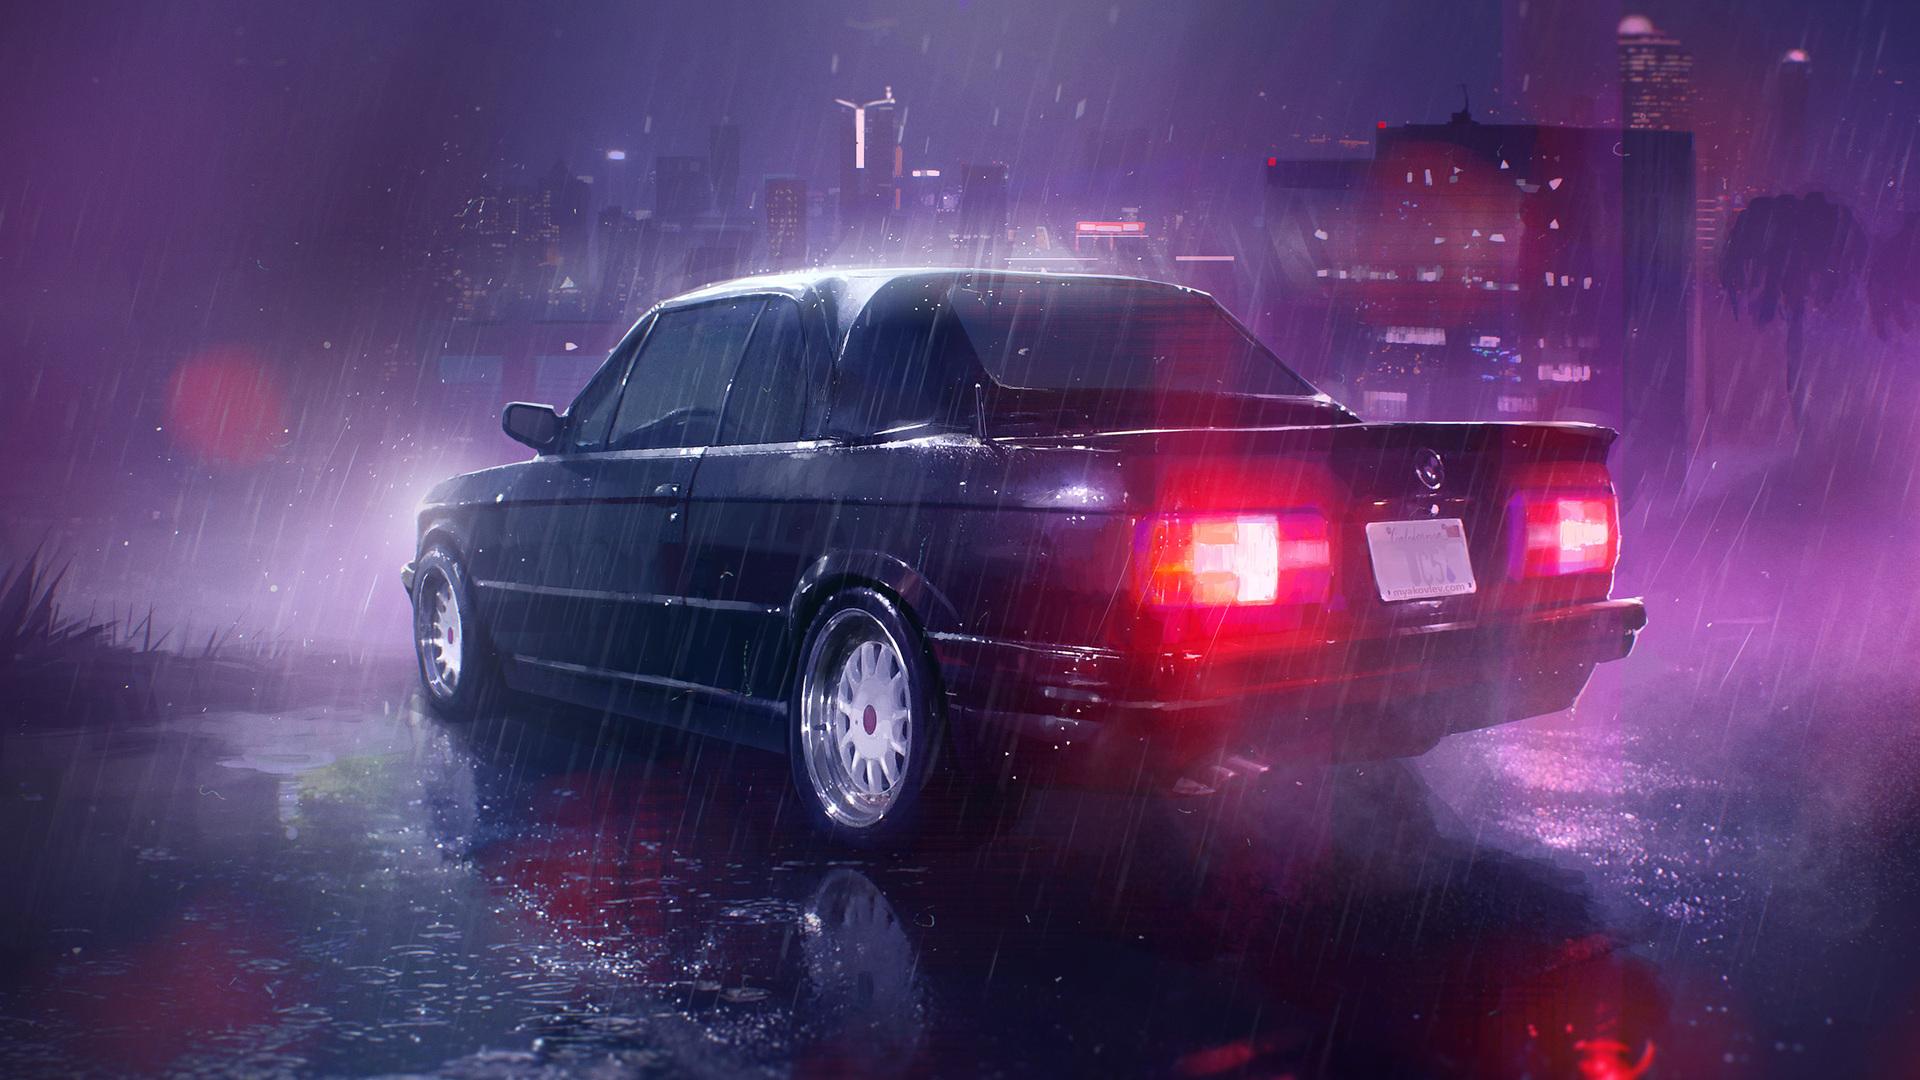 1920x1080 Car Raining Night Laptop Full HD 1080P HD 4k ...